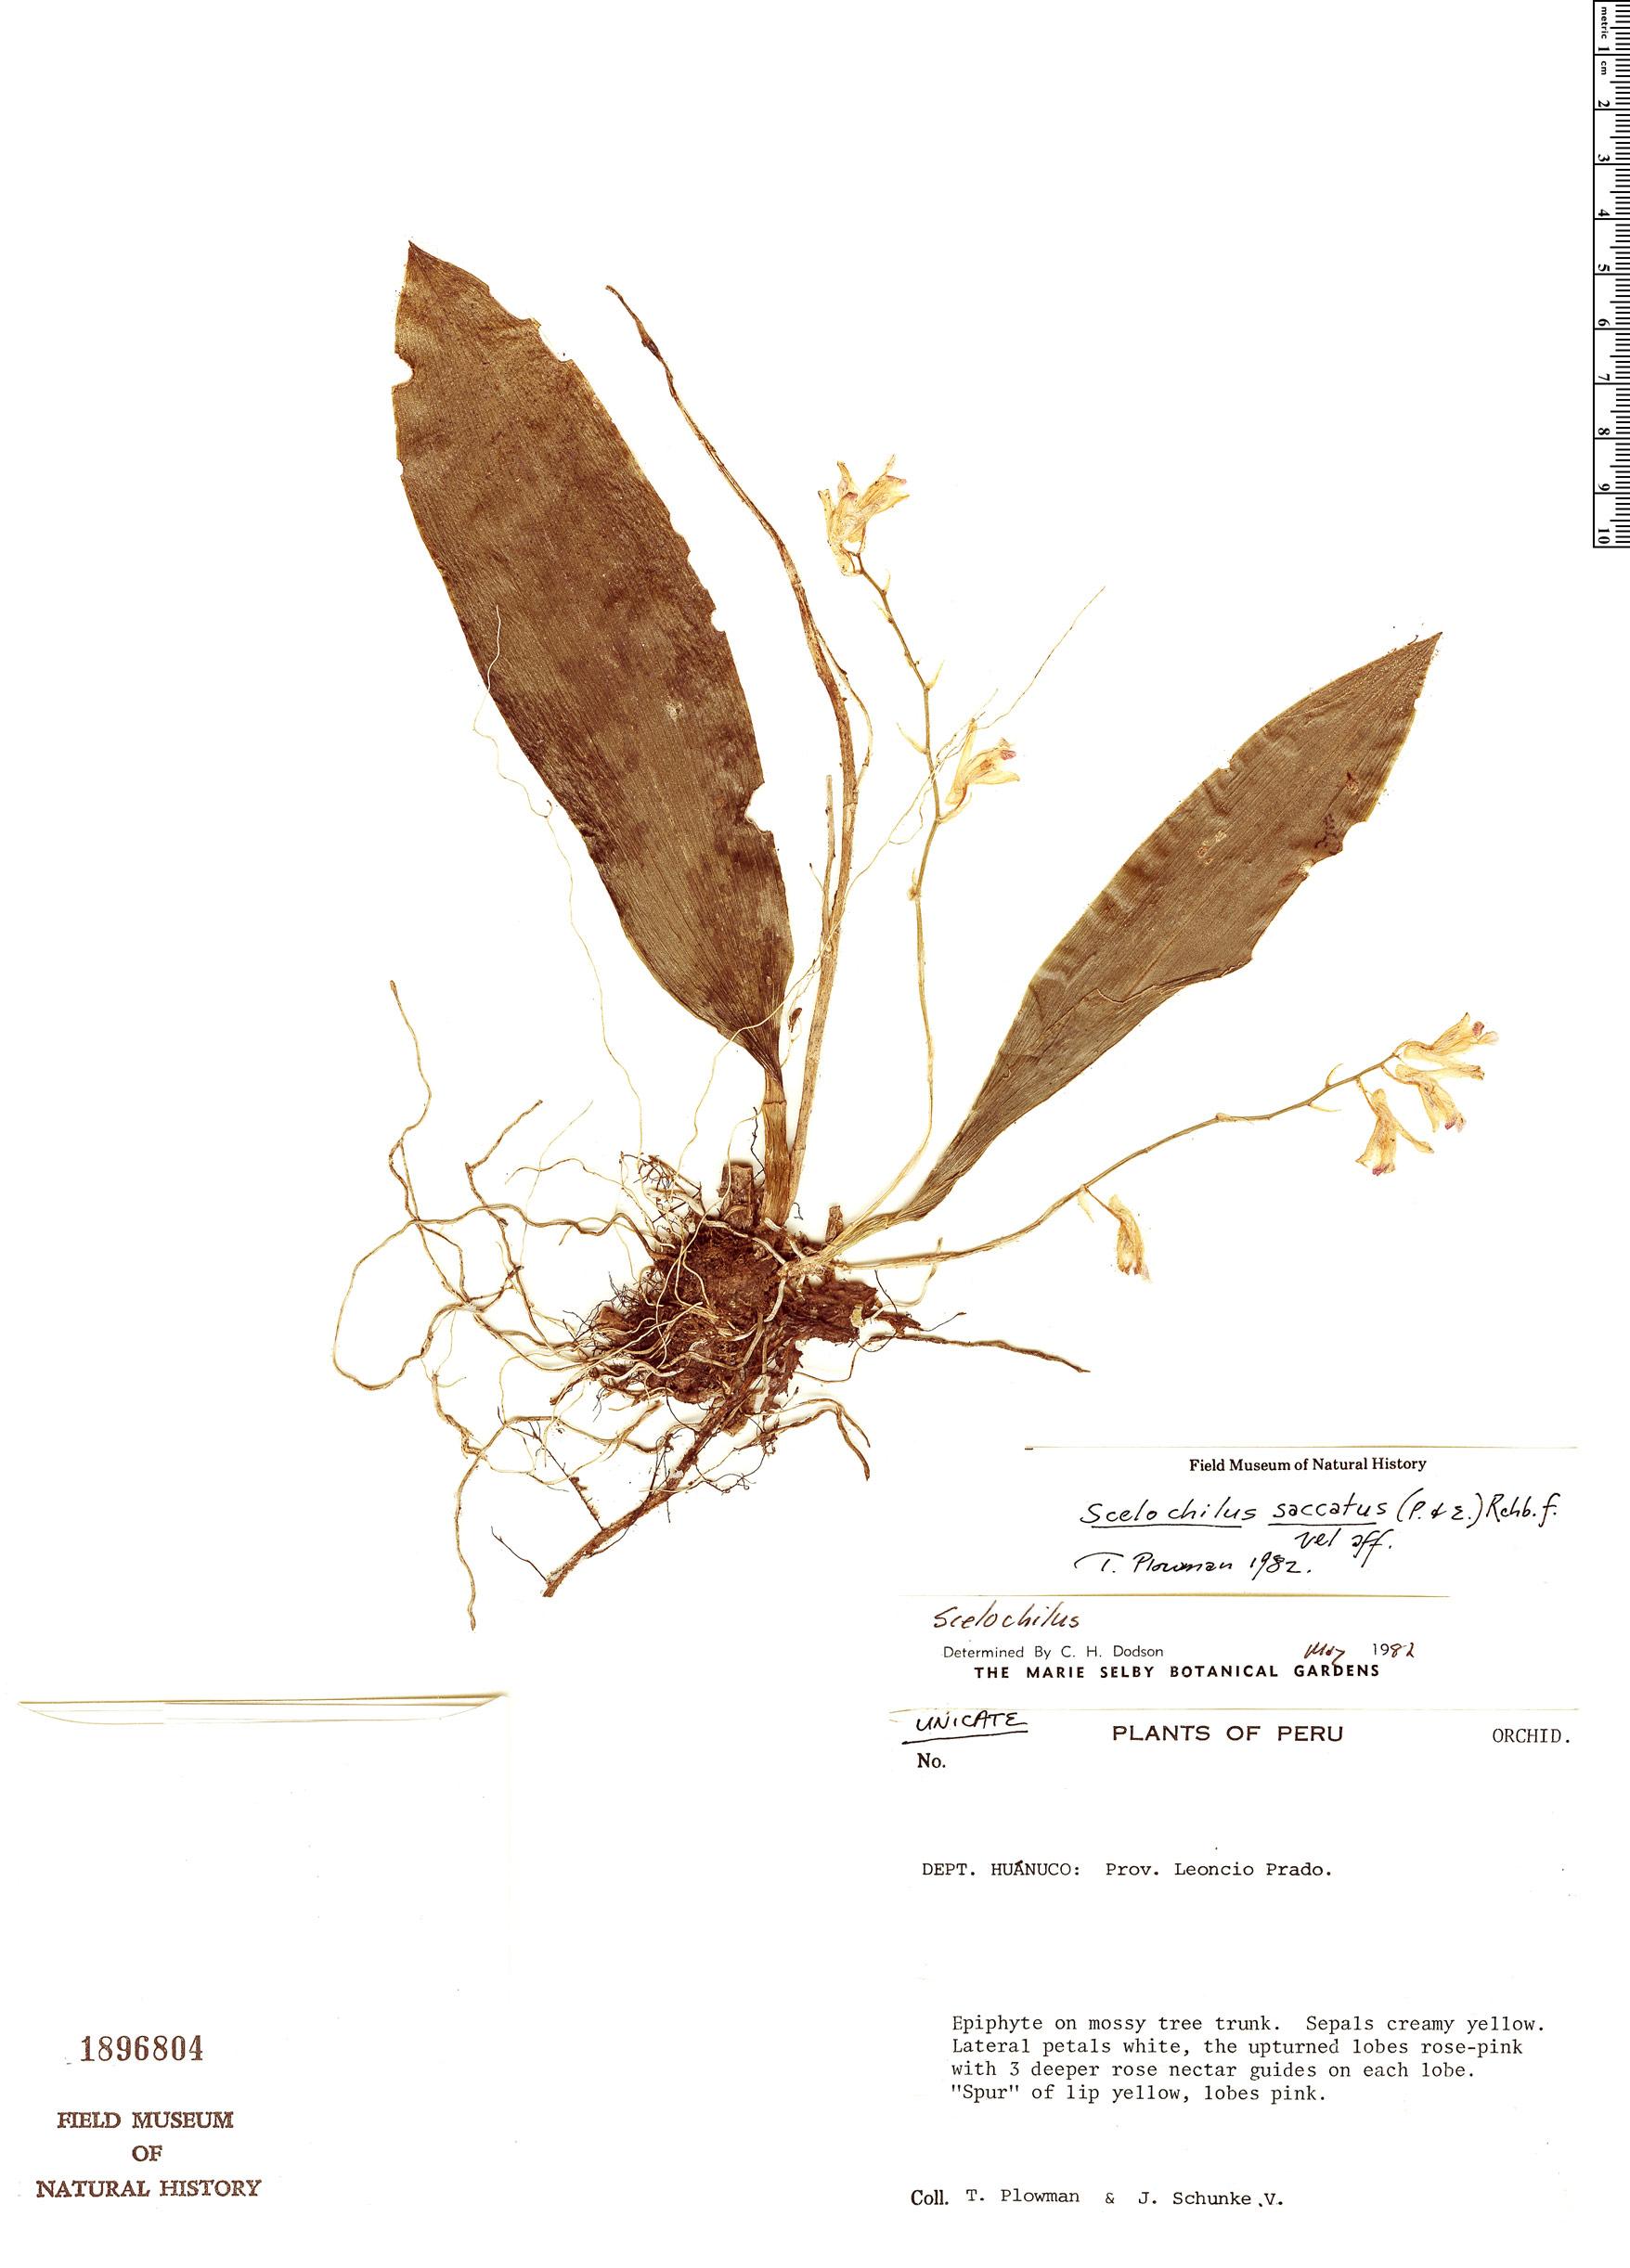 Specimen: Scelochilus saccatus